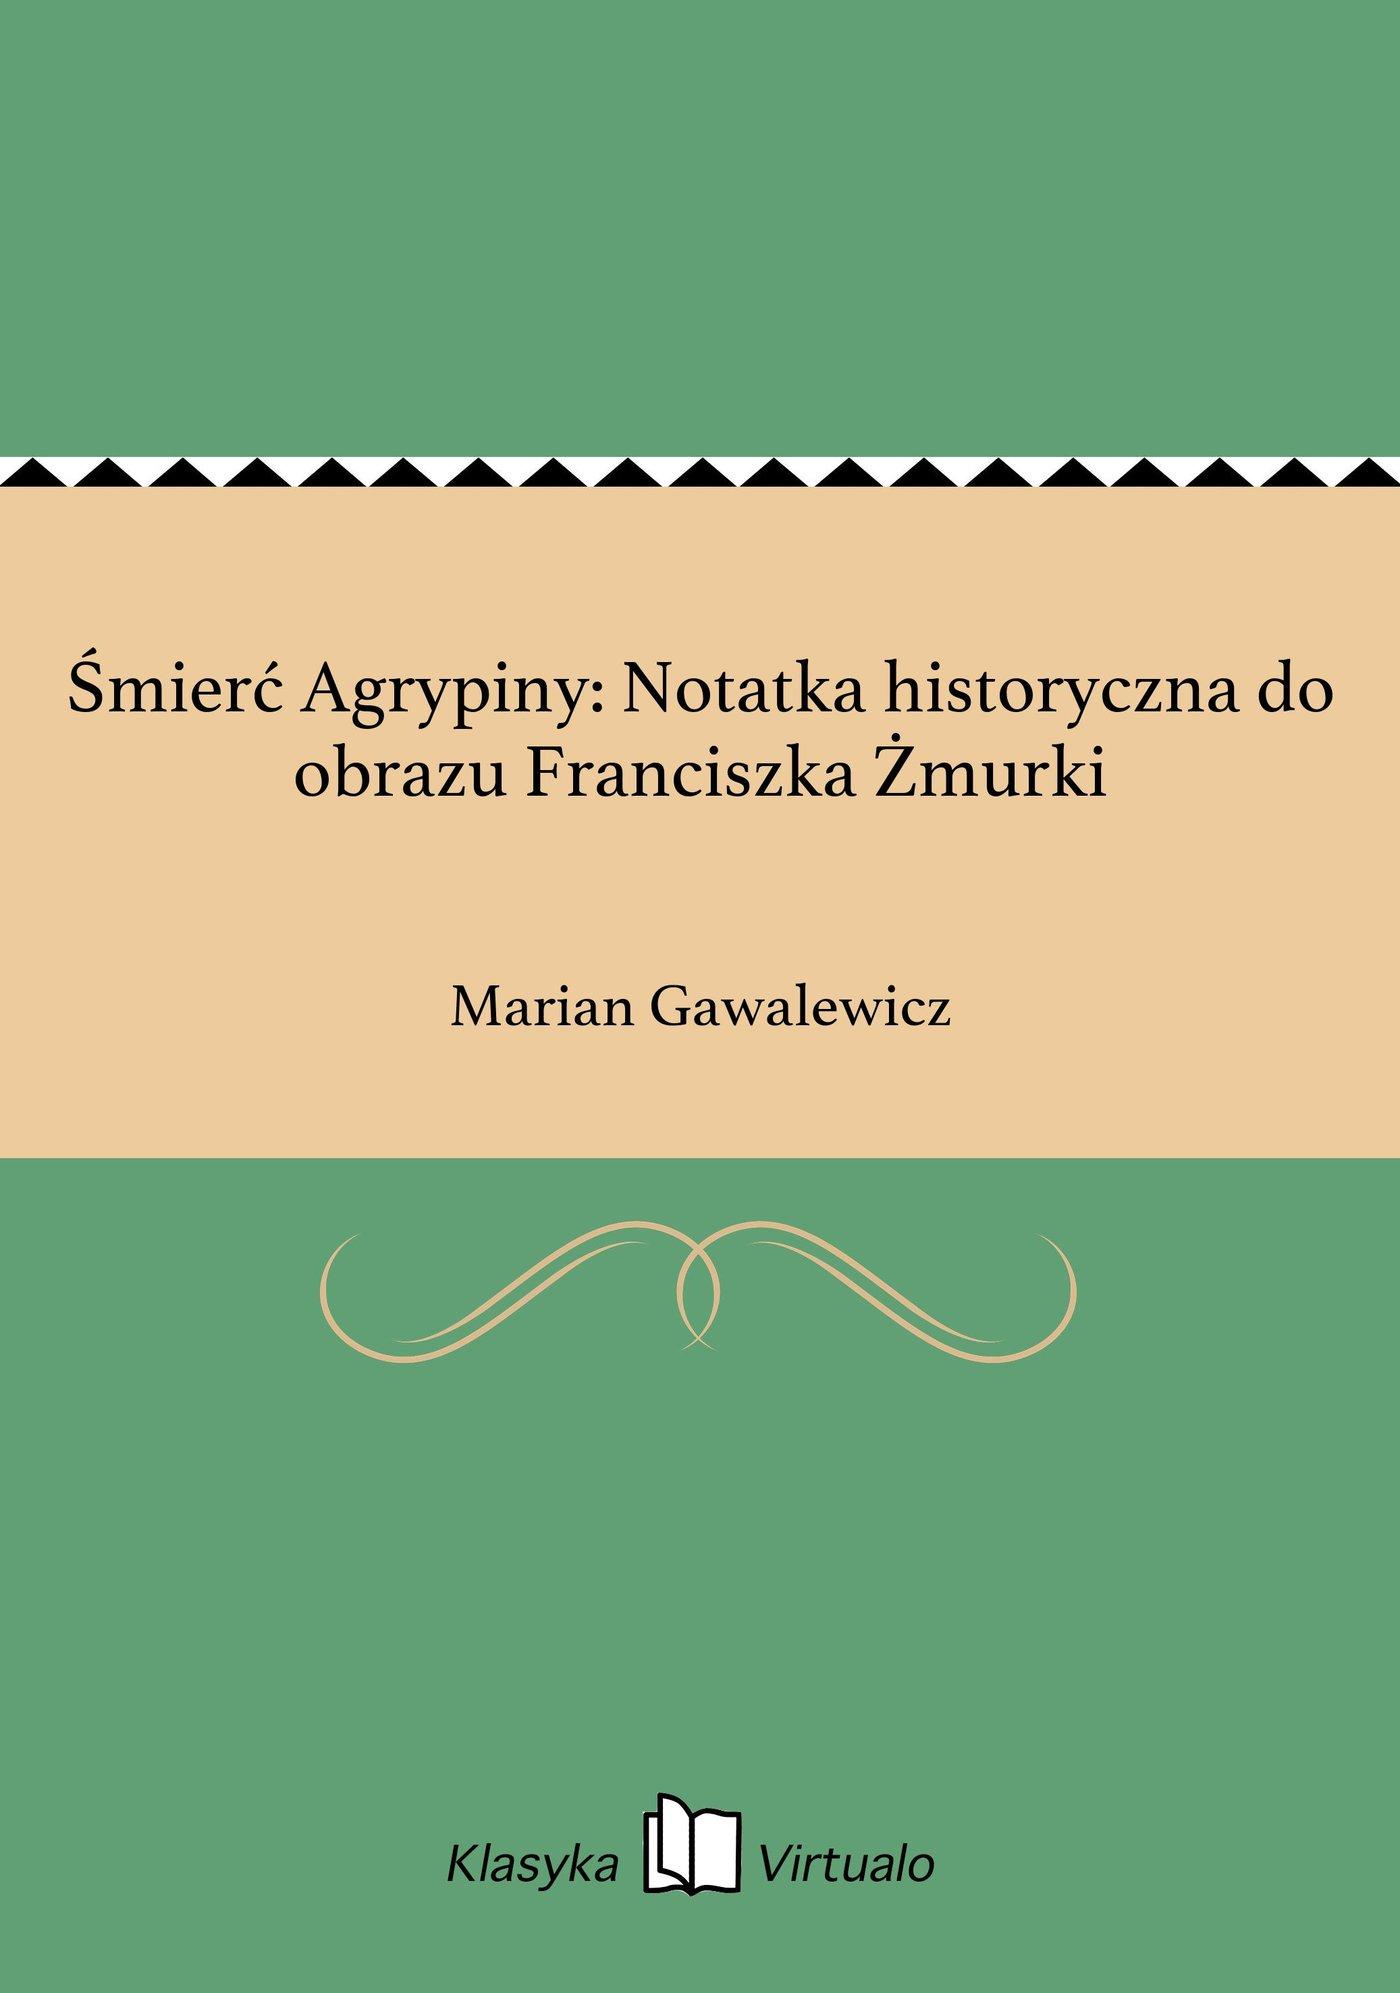 Śmierć Agrypiny: Notatka historyczna do obrazu Franciszka Żmurki - Ebook (Książka EPUB) do pobrania w formacie EPUB